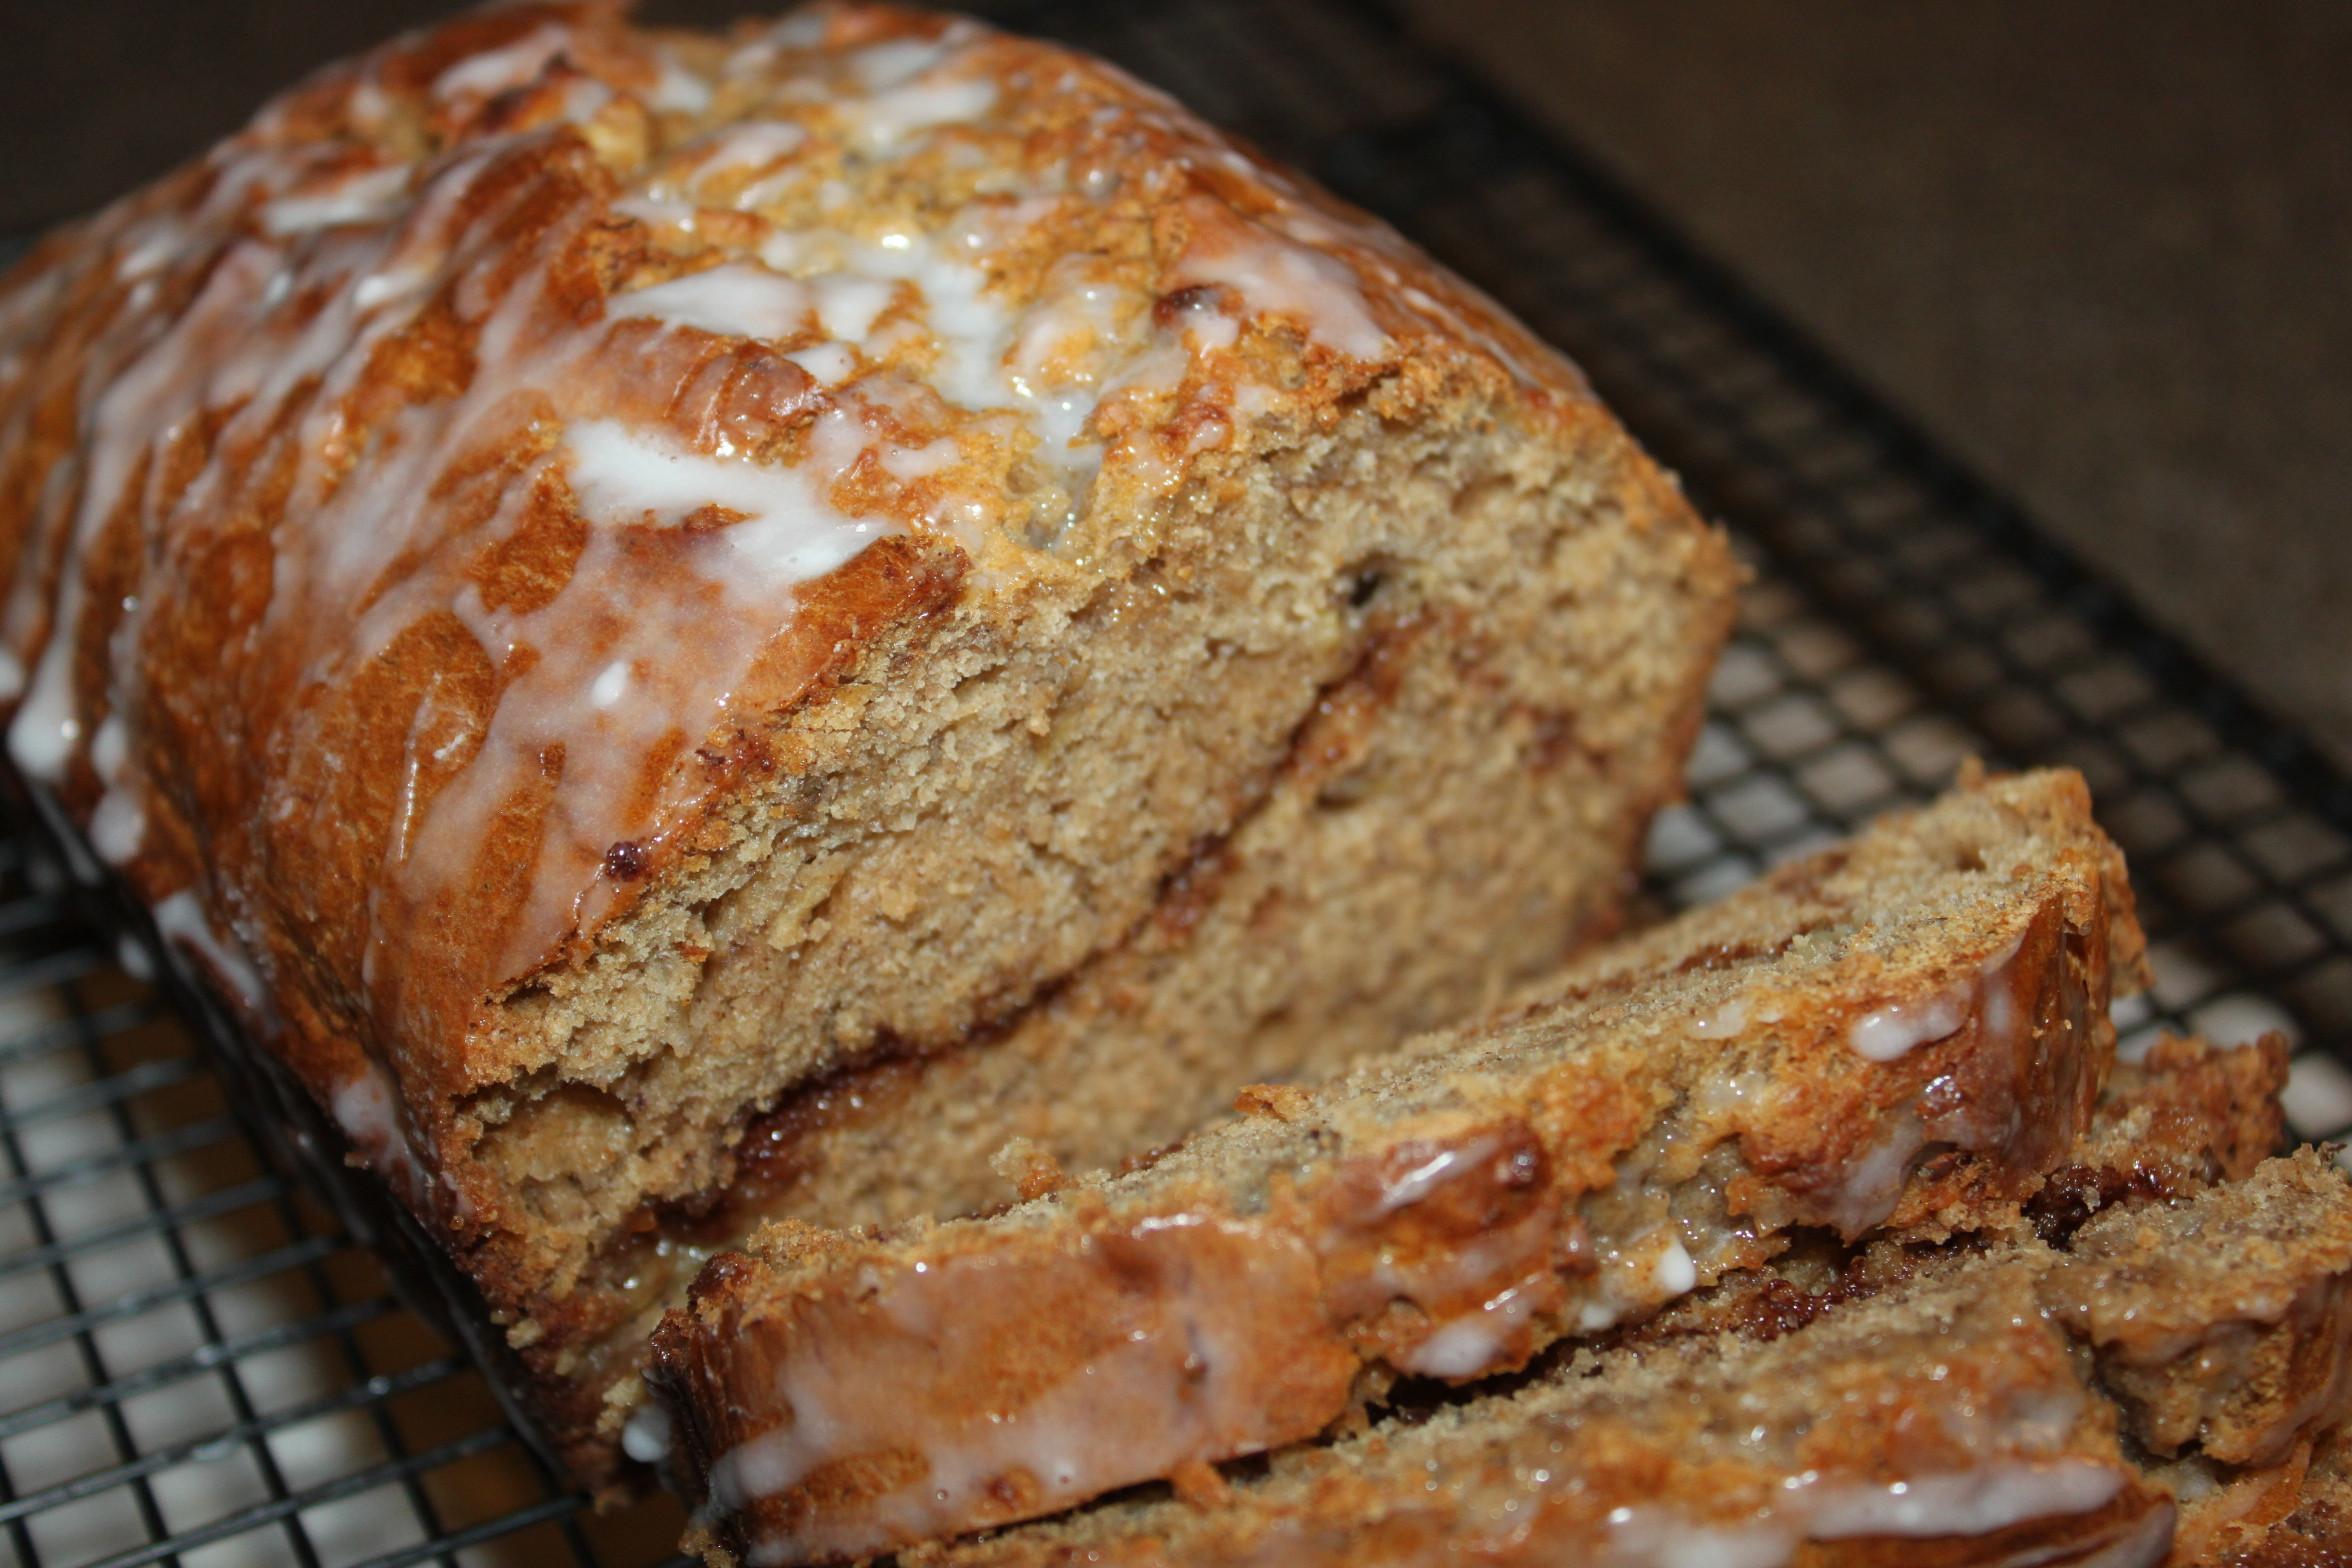 Super Moist Banana Bread Recipe  Super Moist Banana Bread Recipe With A Cinnamon Surprise